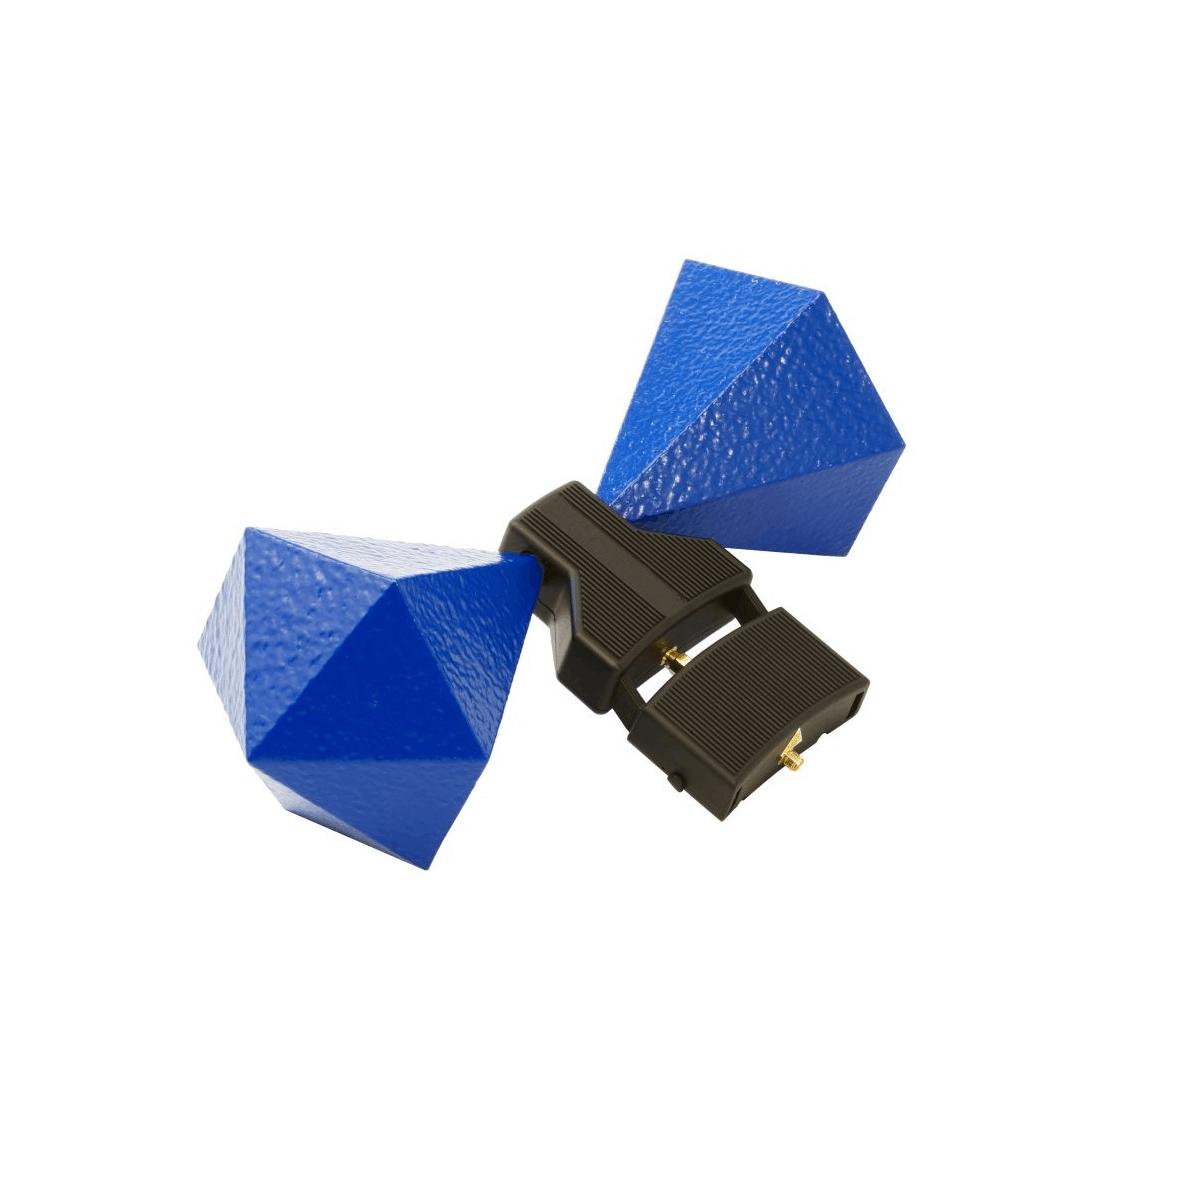 射频信号发生器 SG700500 [50Mz - 700MHz] SMA